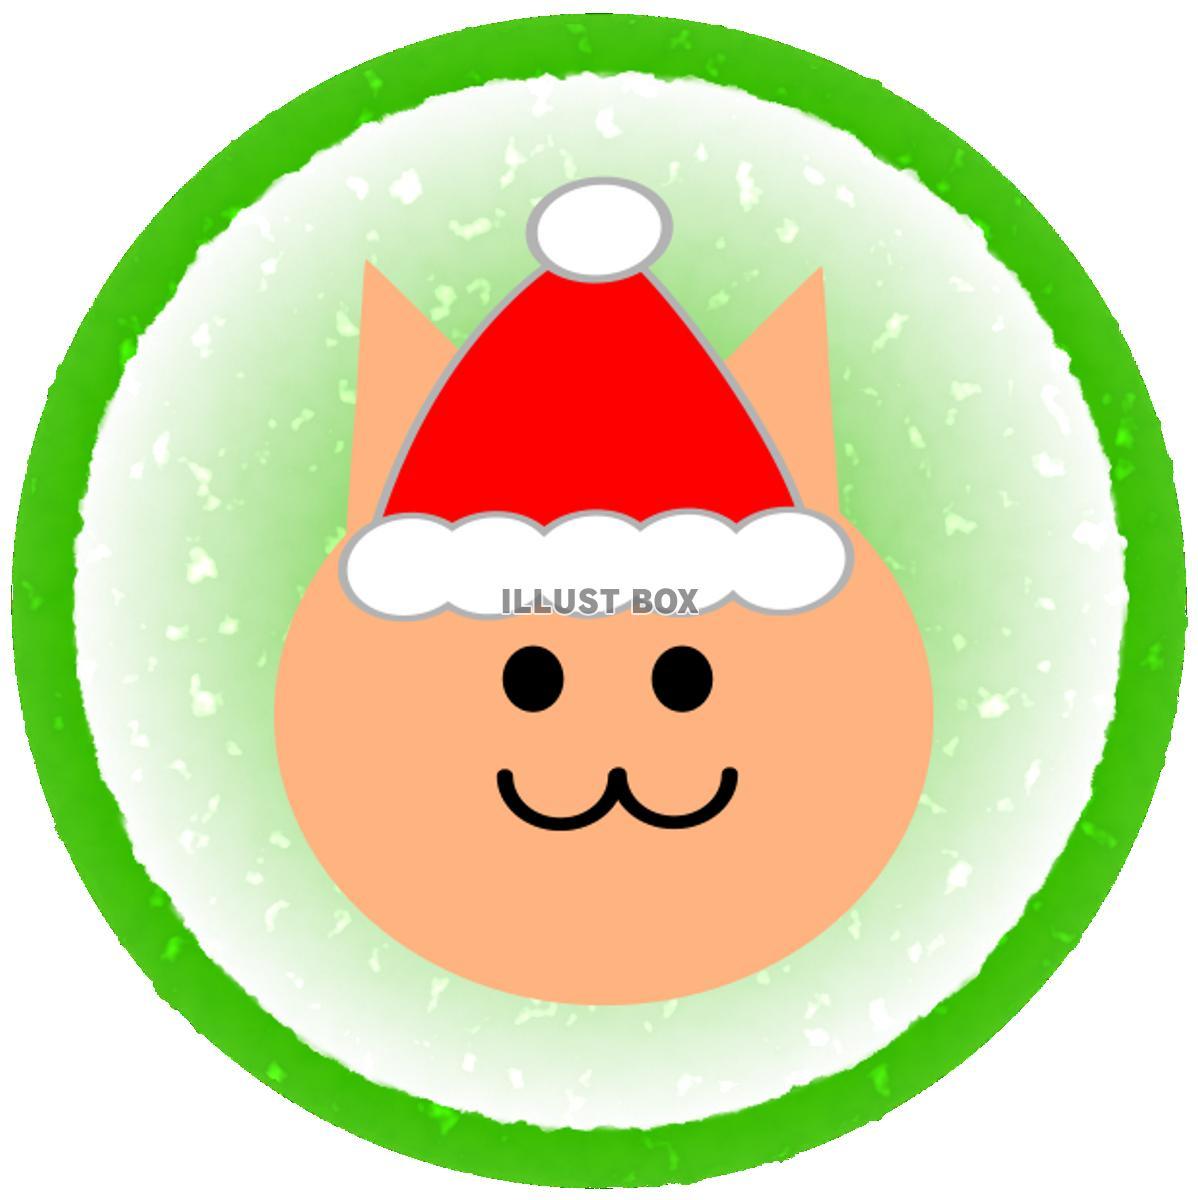 無料イラスト クリスマス 猫 緑丸枠透過png